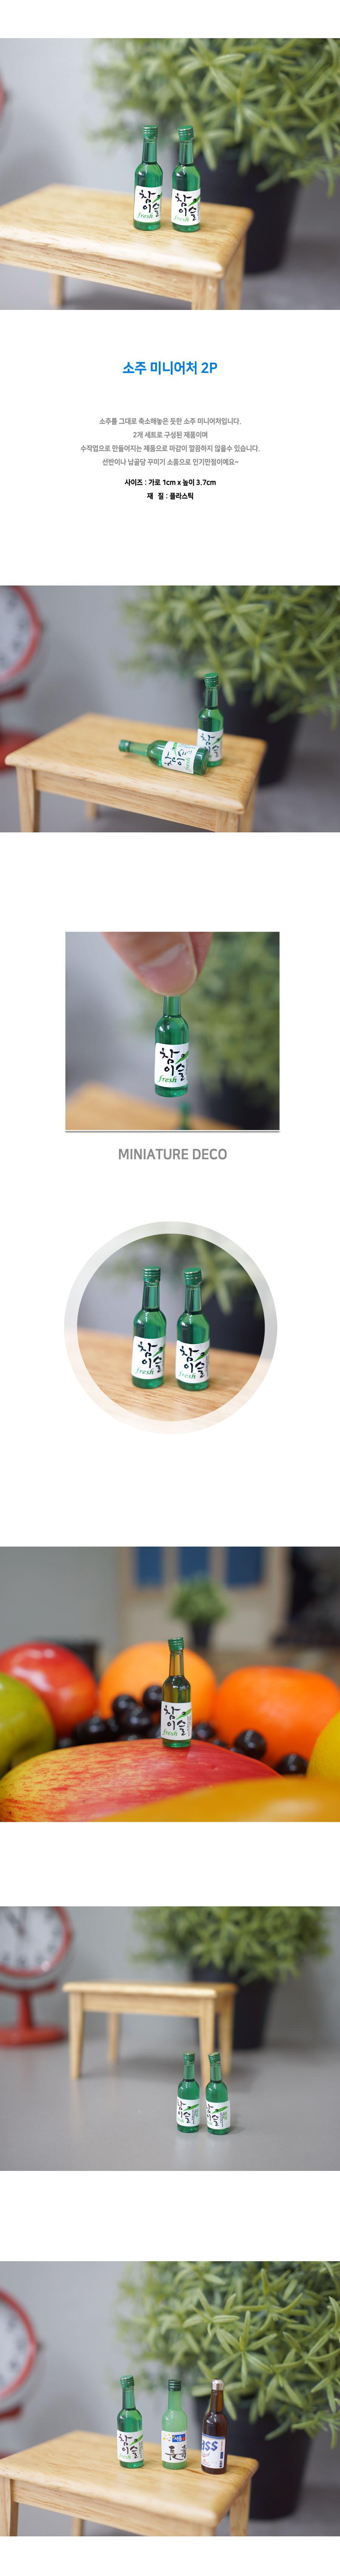 DS-845 소주 미니어처 2P 인테리어 카페 장식 소품 - 리빙톡톡, 2,000원, 미니어처, 사물